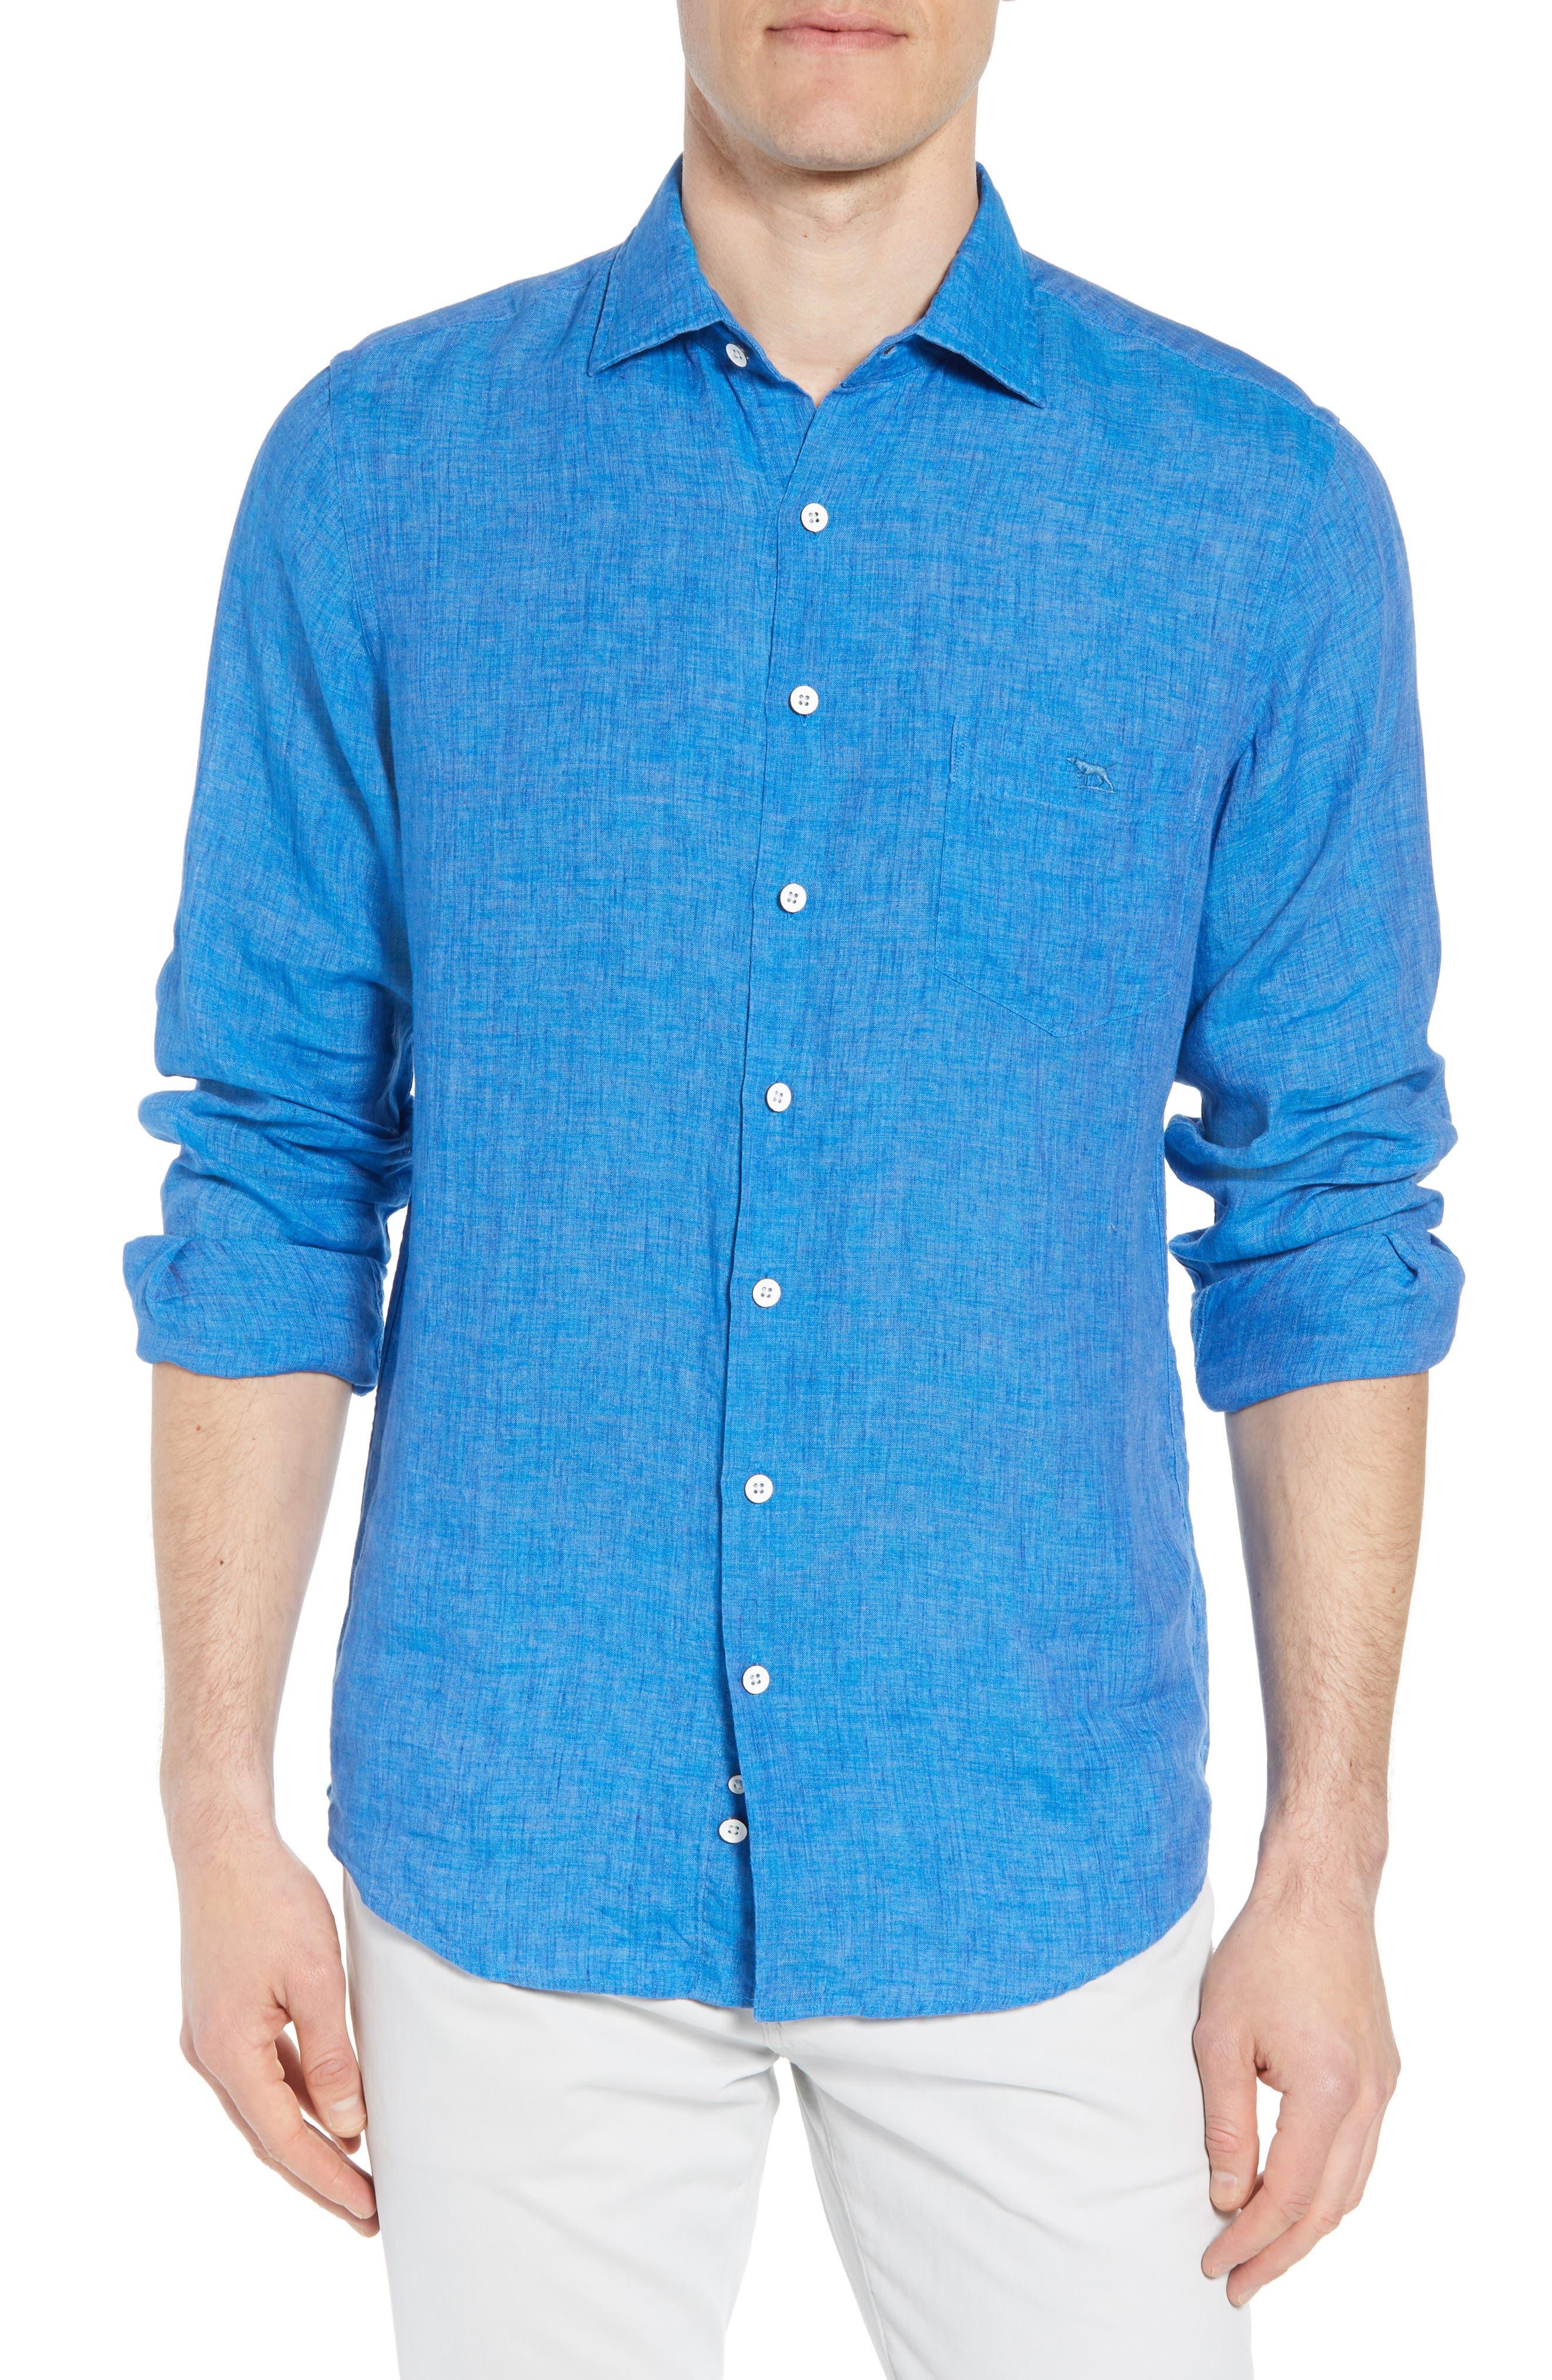 RODD & GUNN Harris Bay Regular Fit Linen Sport Shirt, Main, color, 438